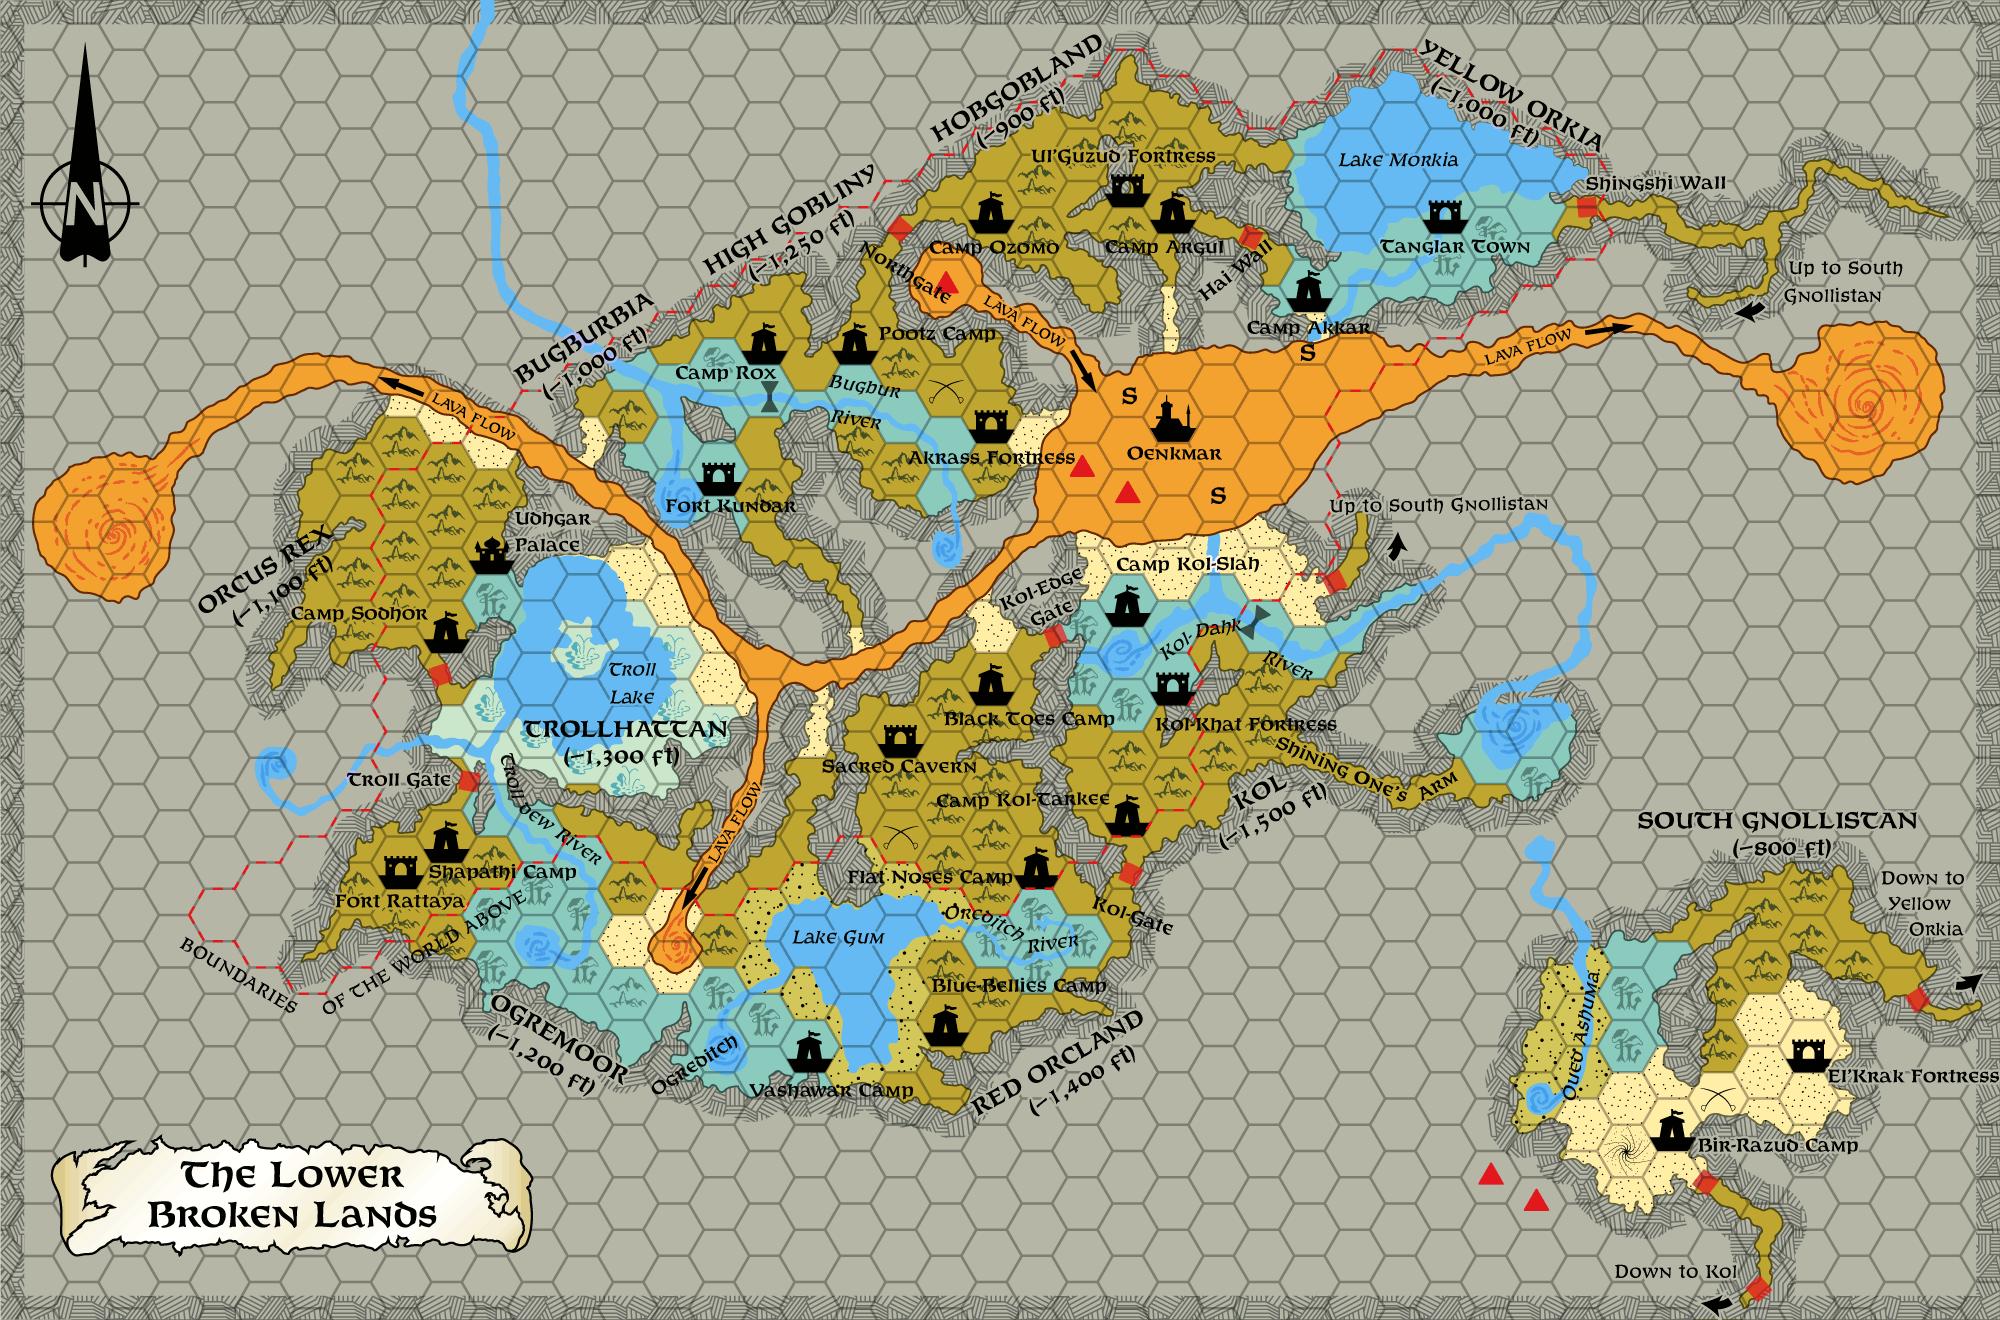 Lower Broken Lands, 8 miles per hex